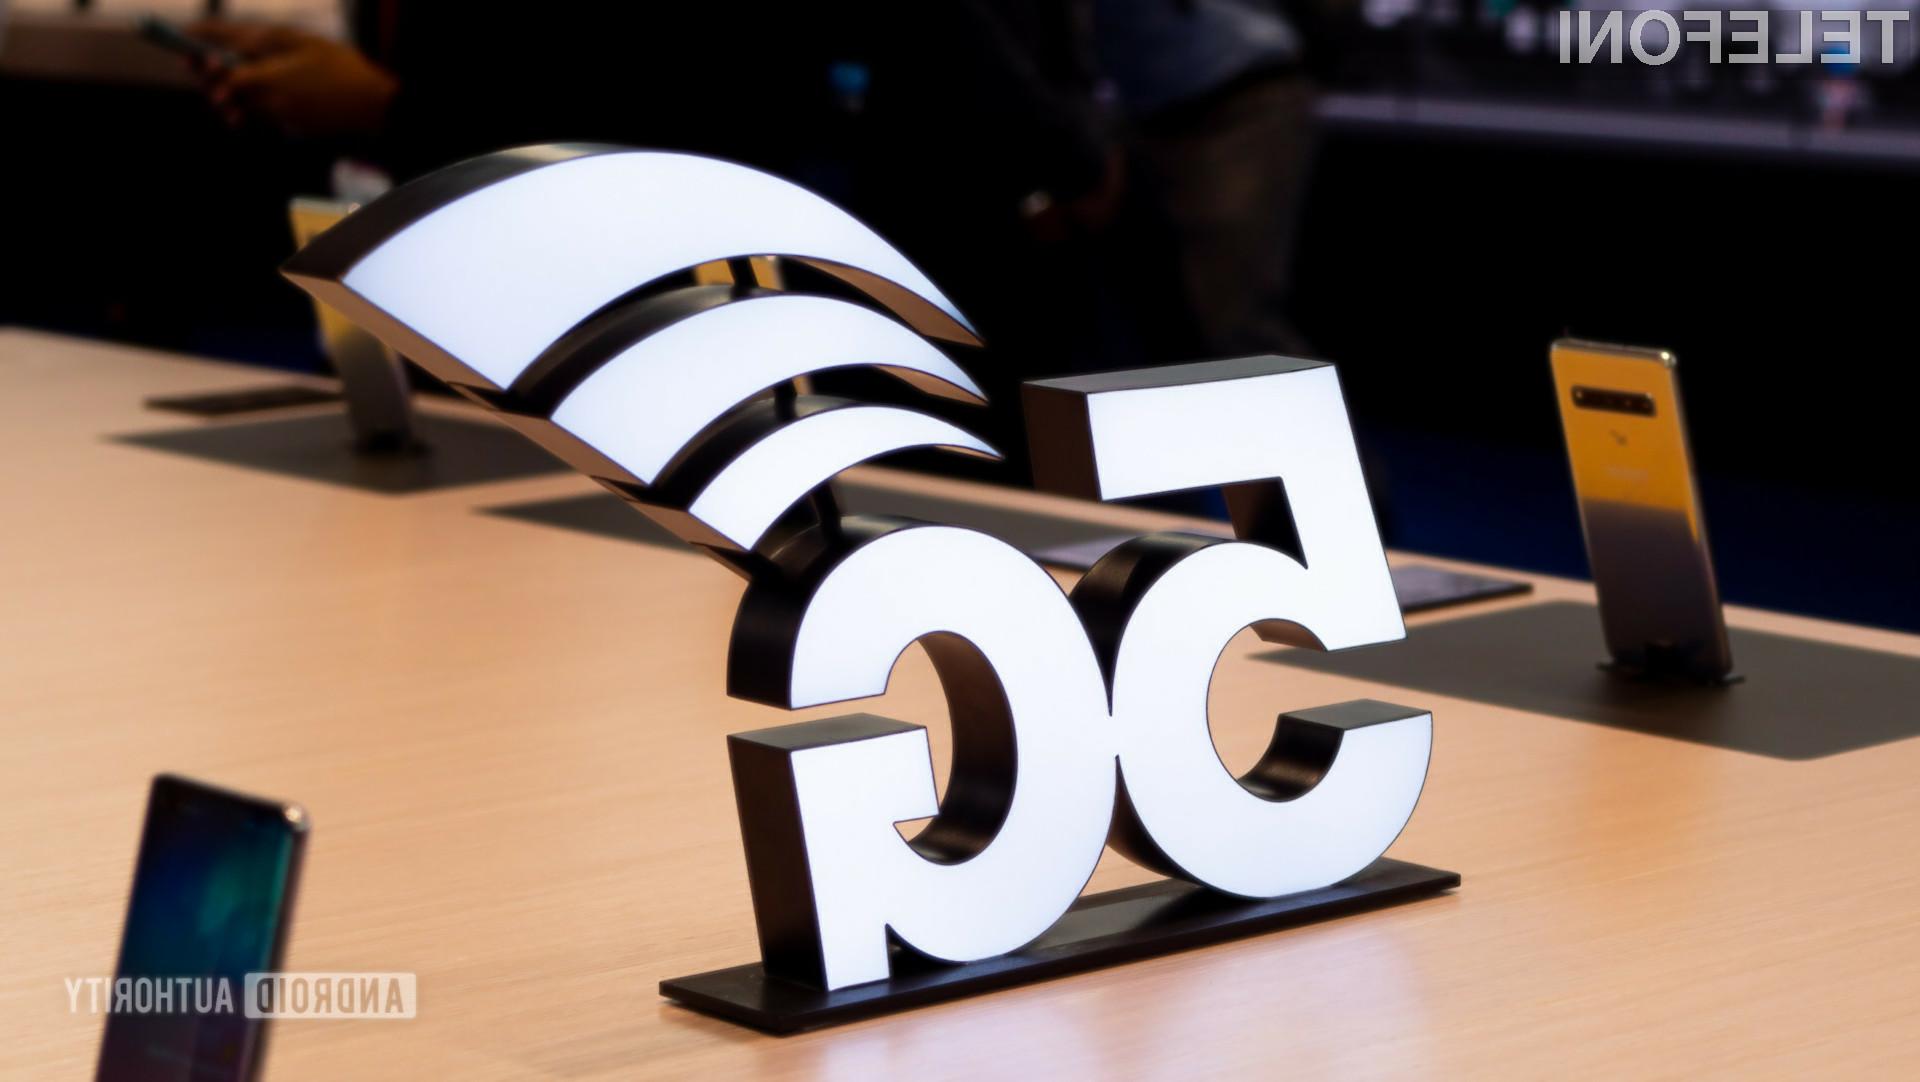 V Italiji je omrežje 5G že na voljo